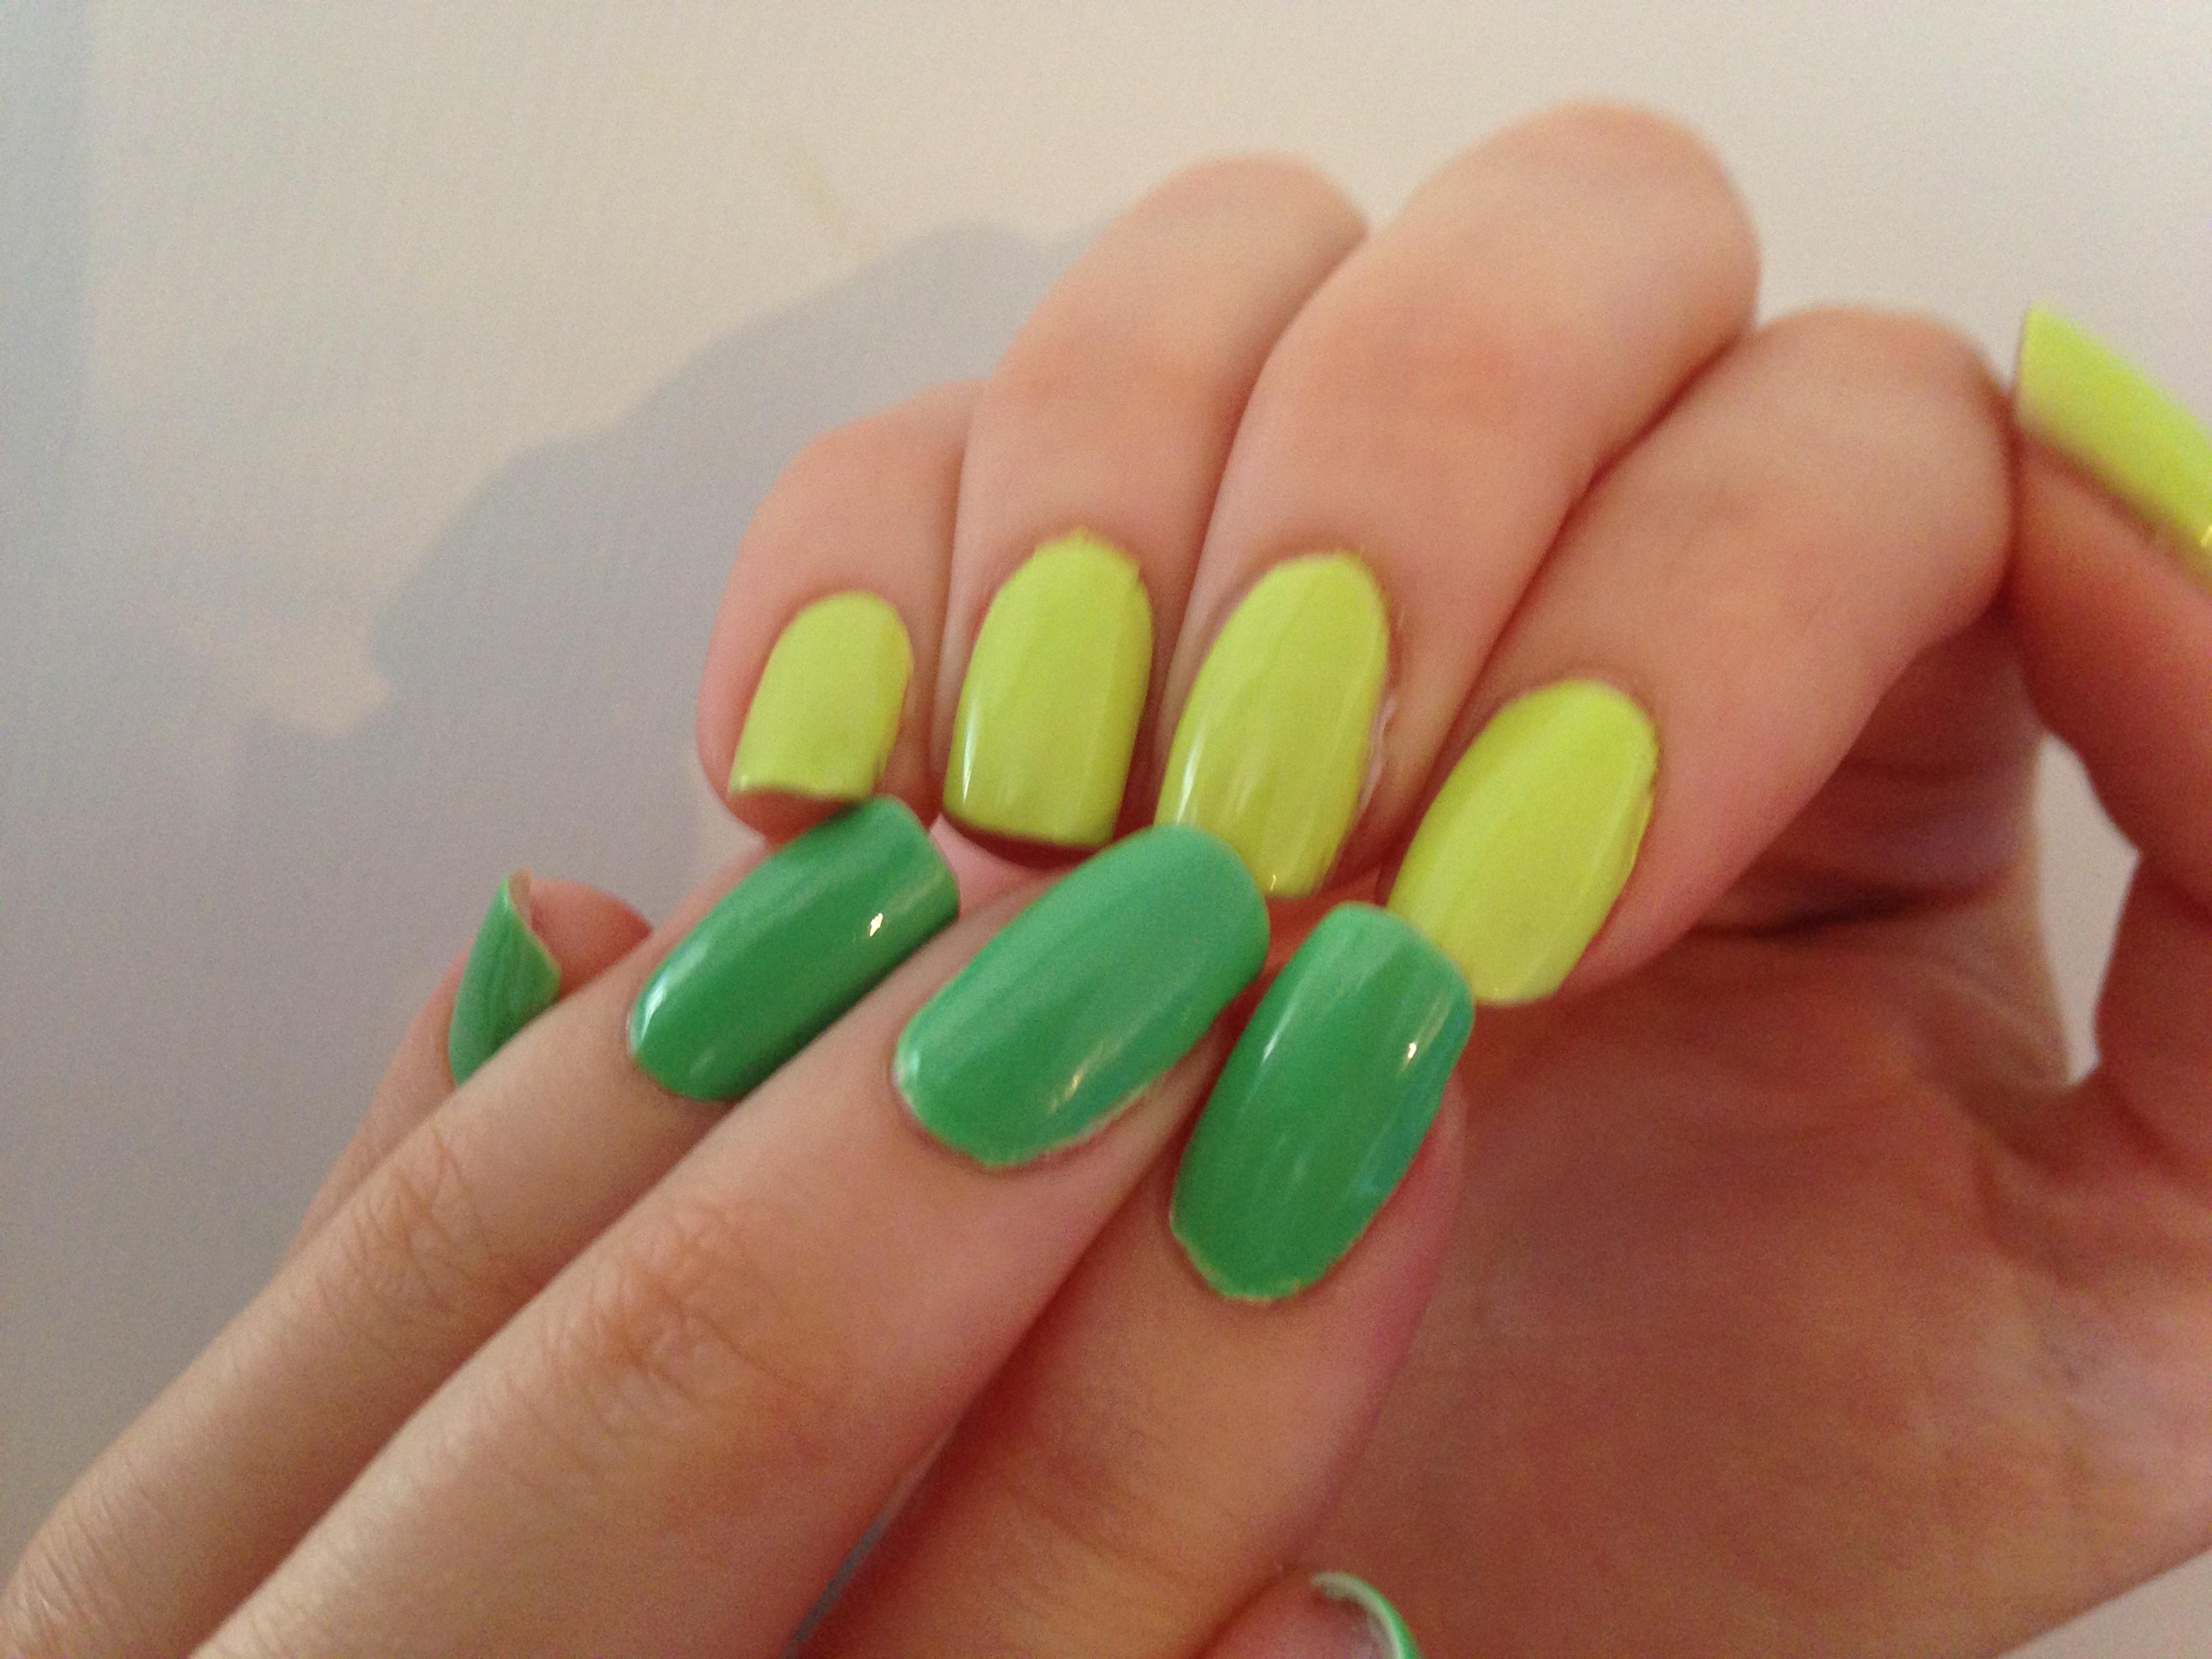 OPI Neon Skönhetsblogg